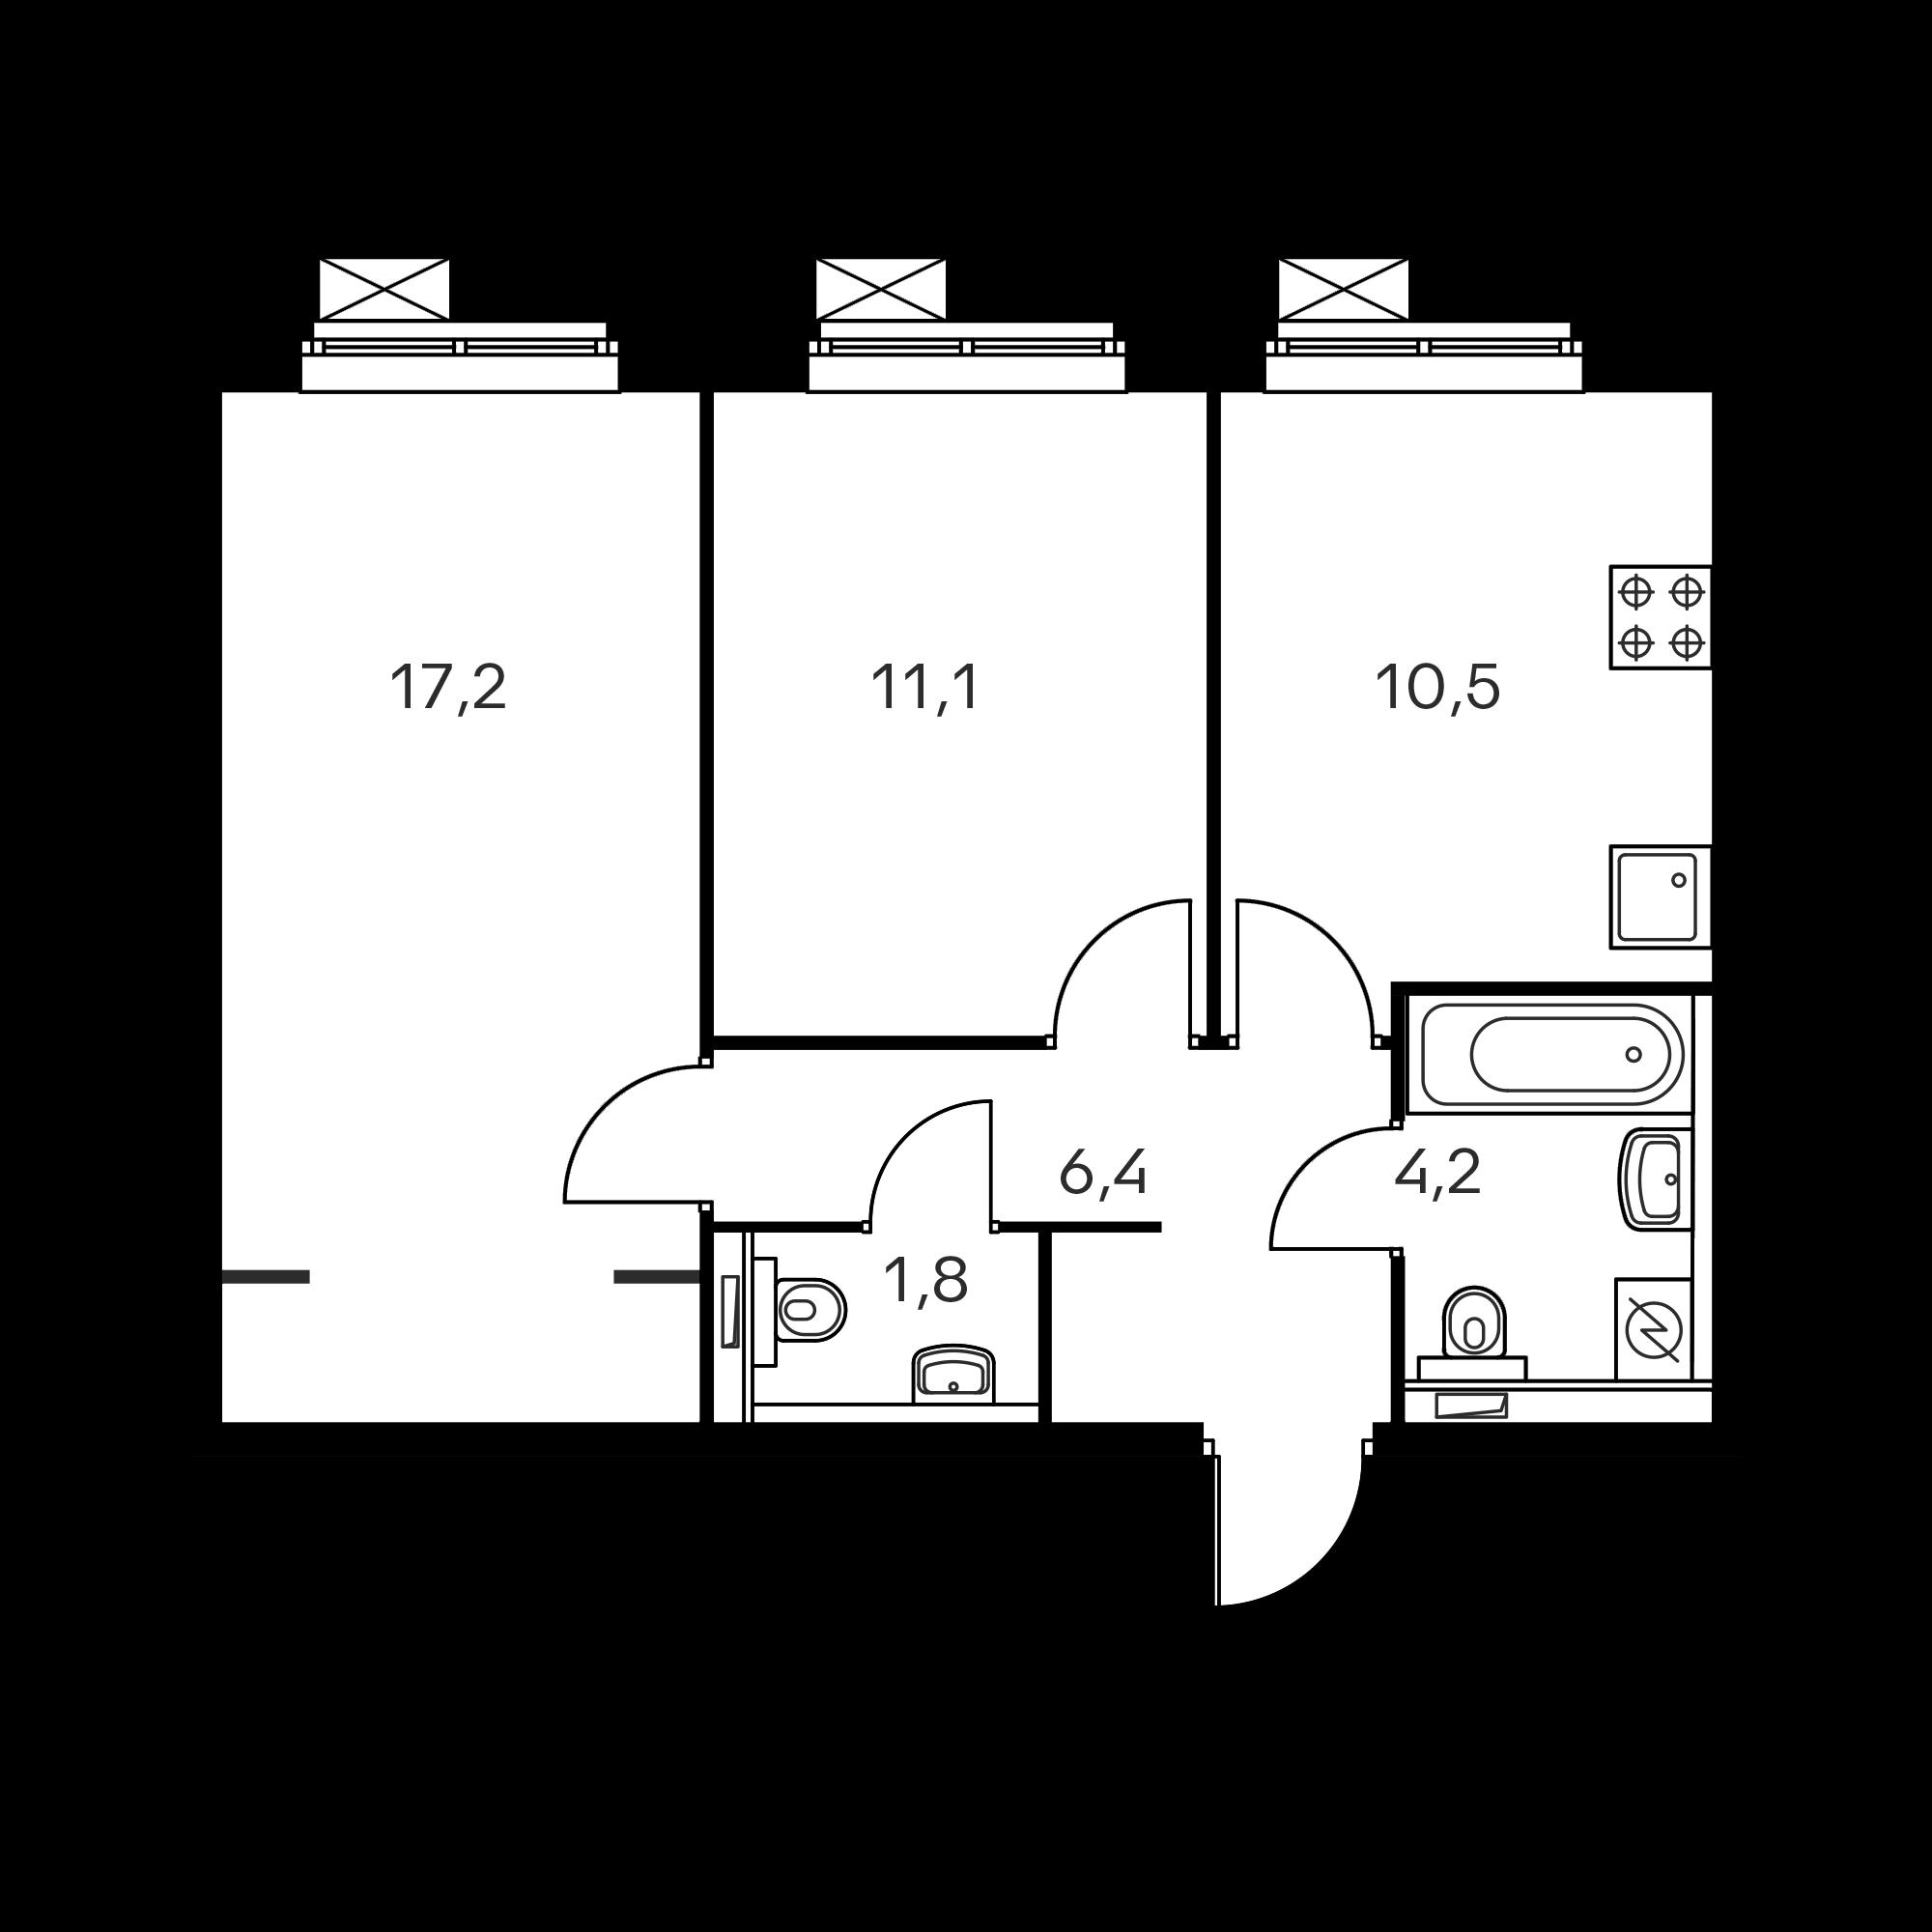 2KS6_9.0-1_S_Z-10